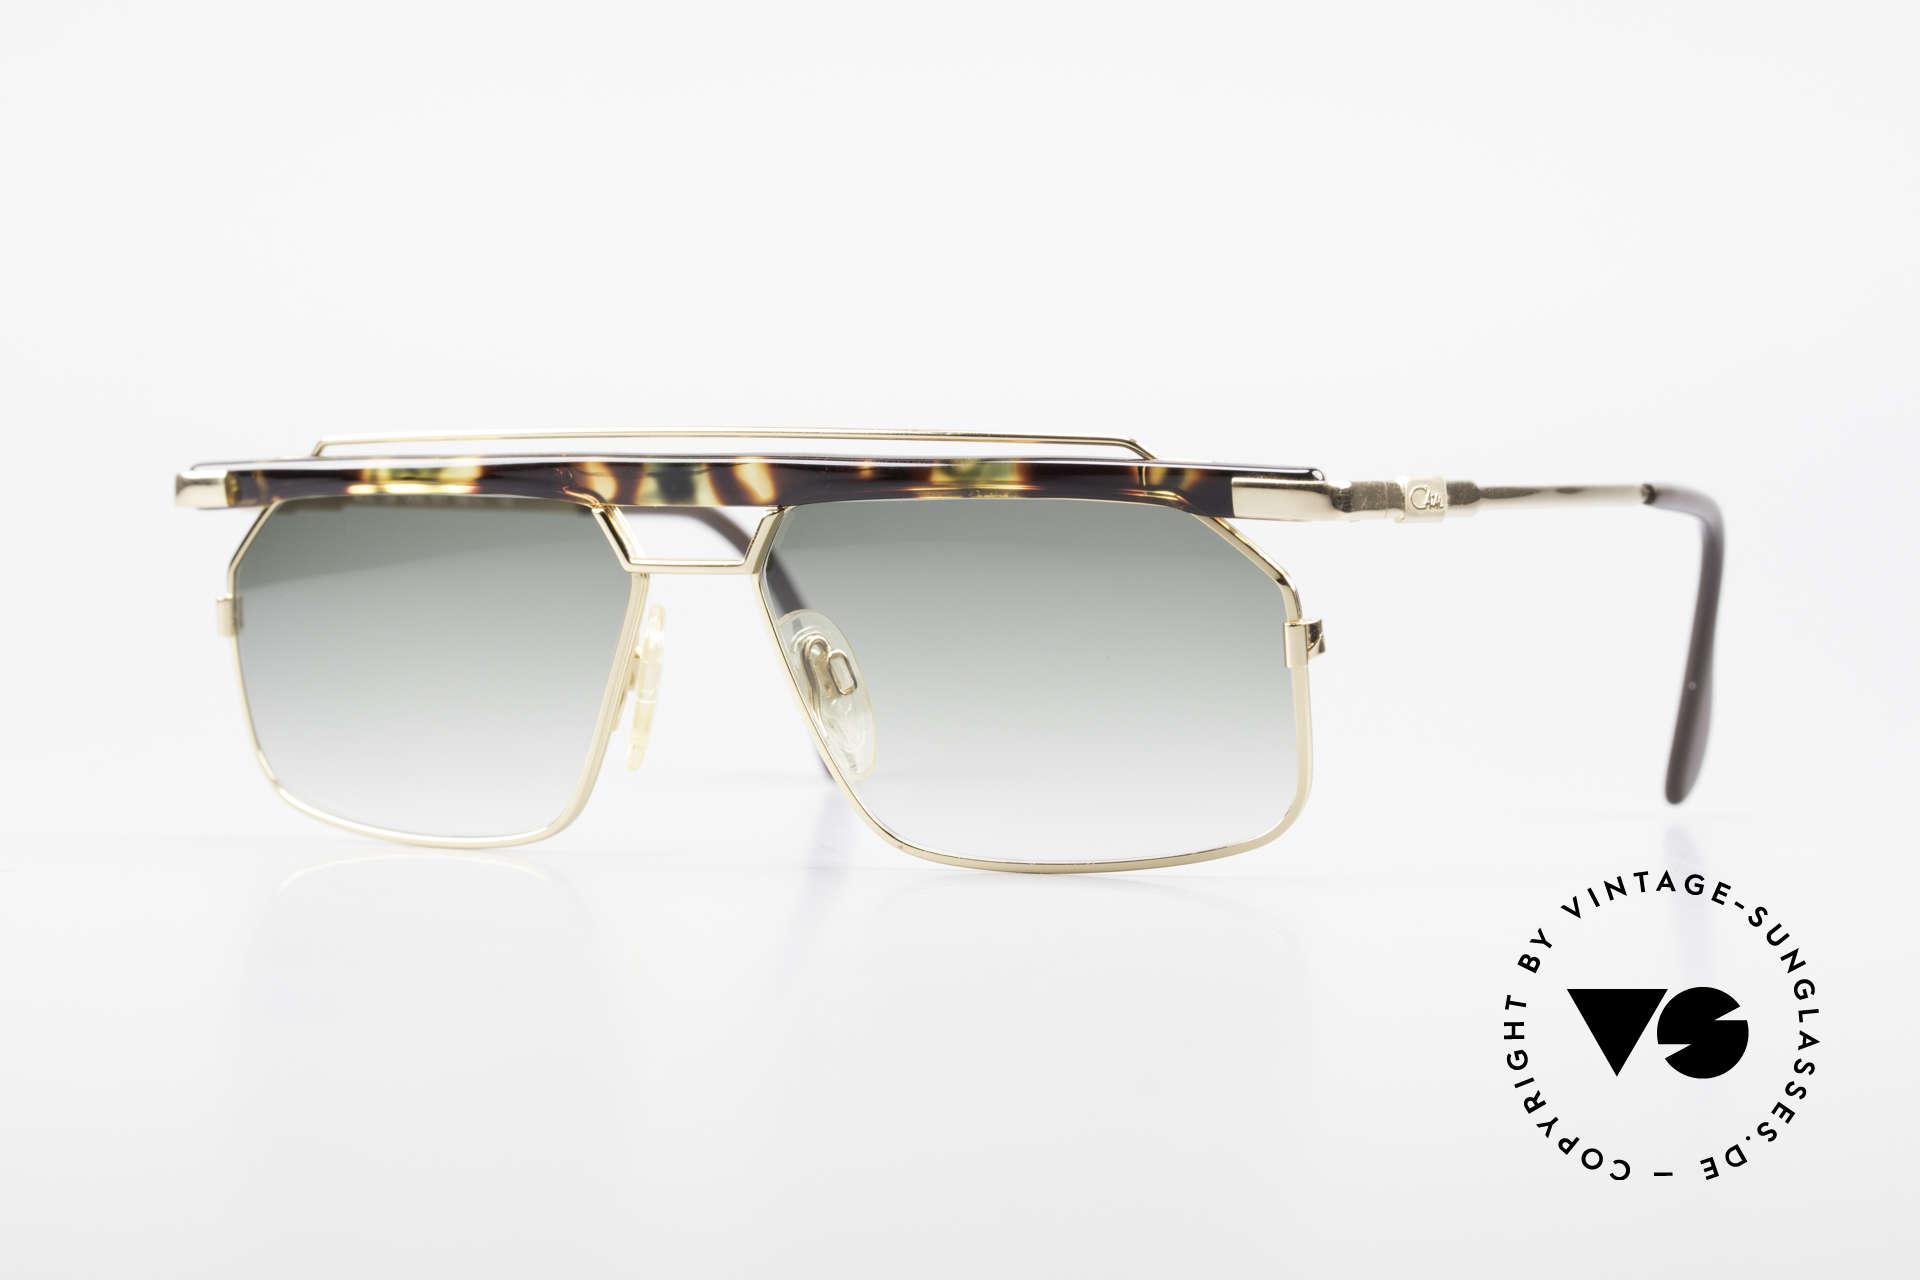 Cazal 752 Extraordinary Sunglasses 90's, extraordinary & striking Cazal shades from 1993, Made for Men